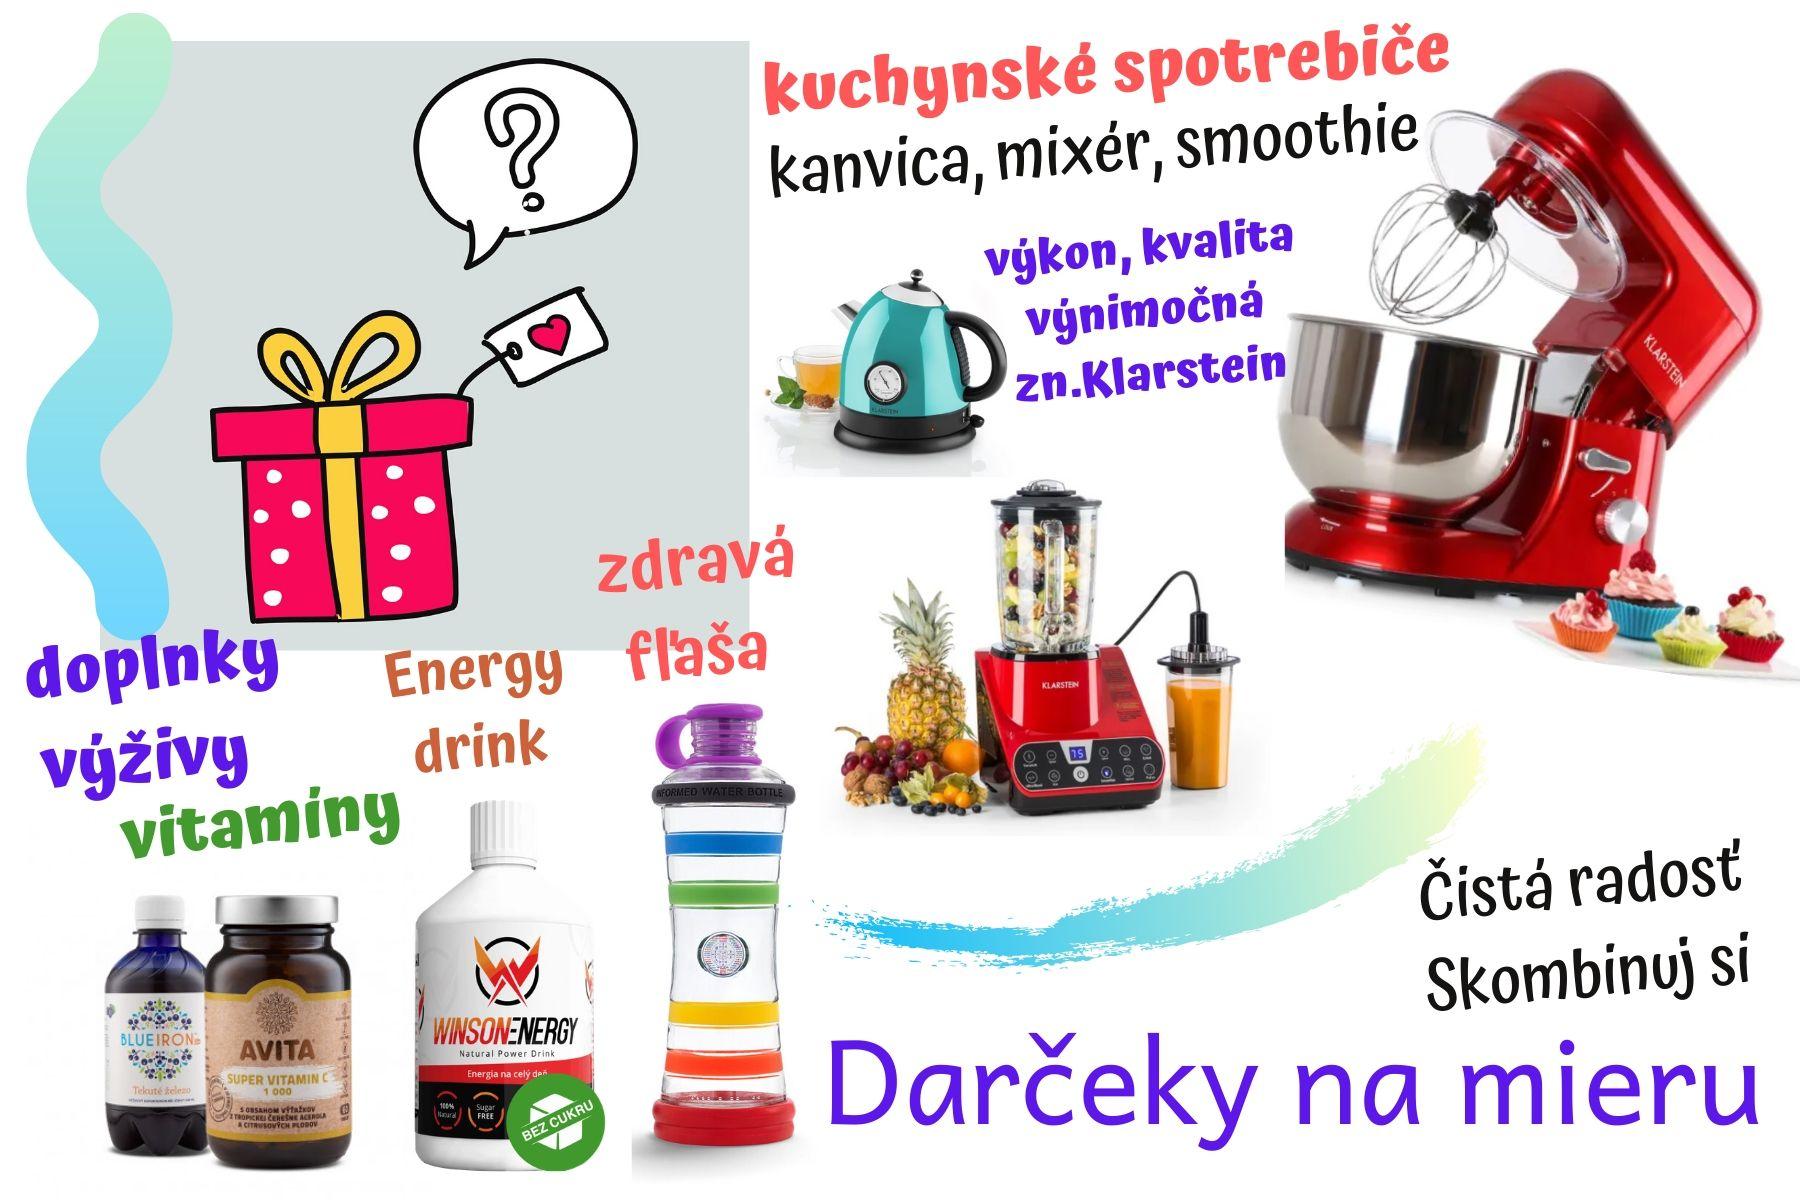 Darček na mieru, kuchynské spotrebiče Klarstein, vitamíny, energy drink